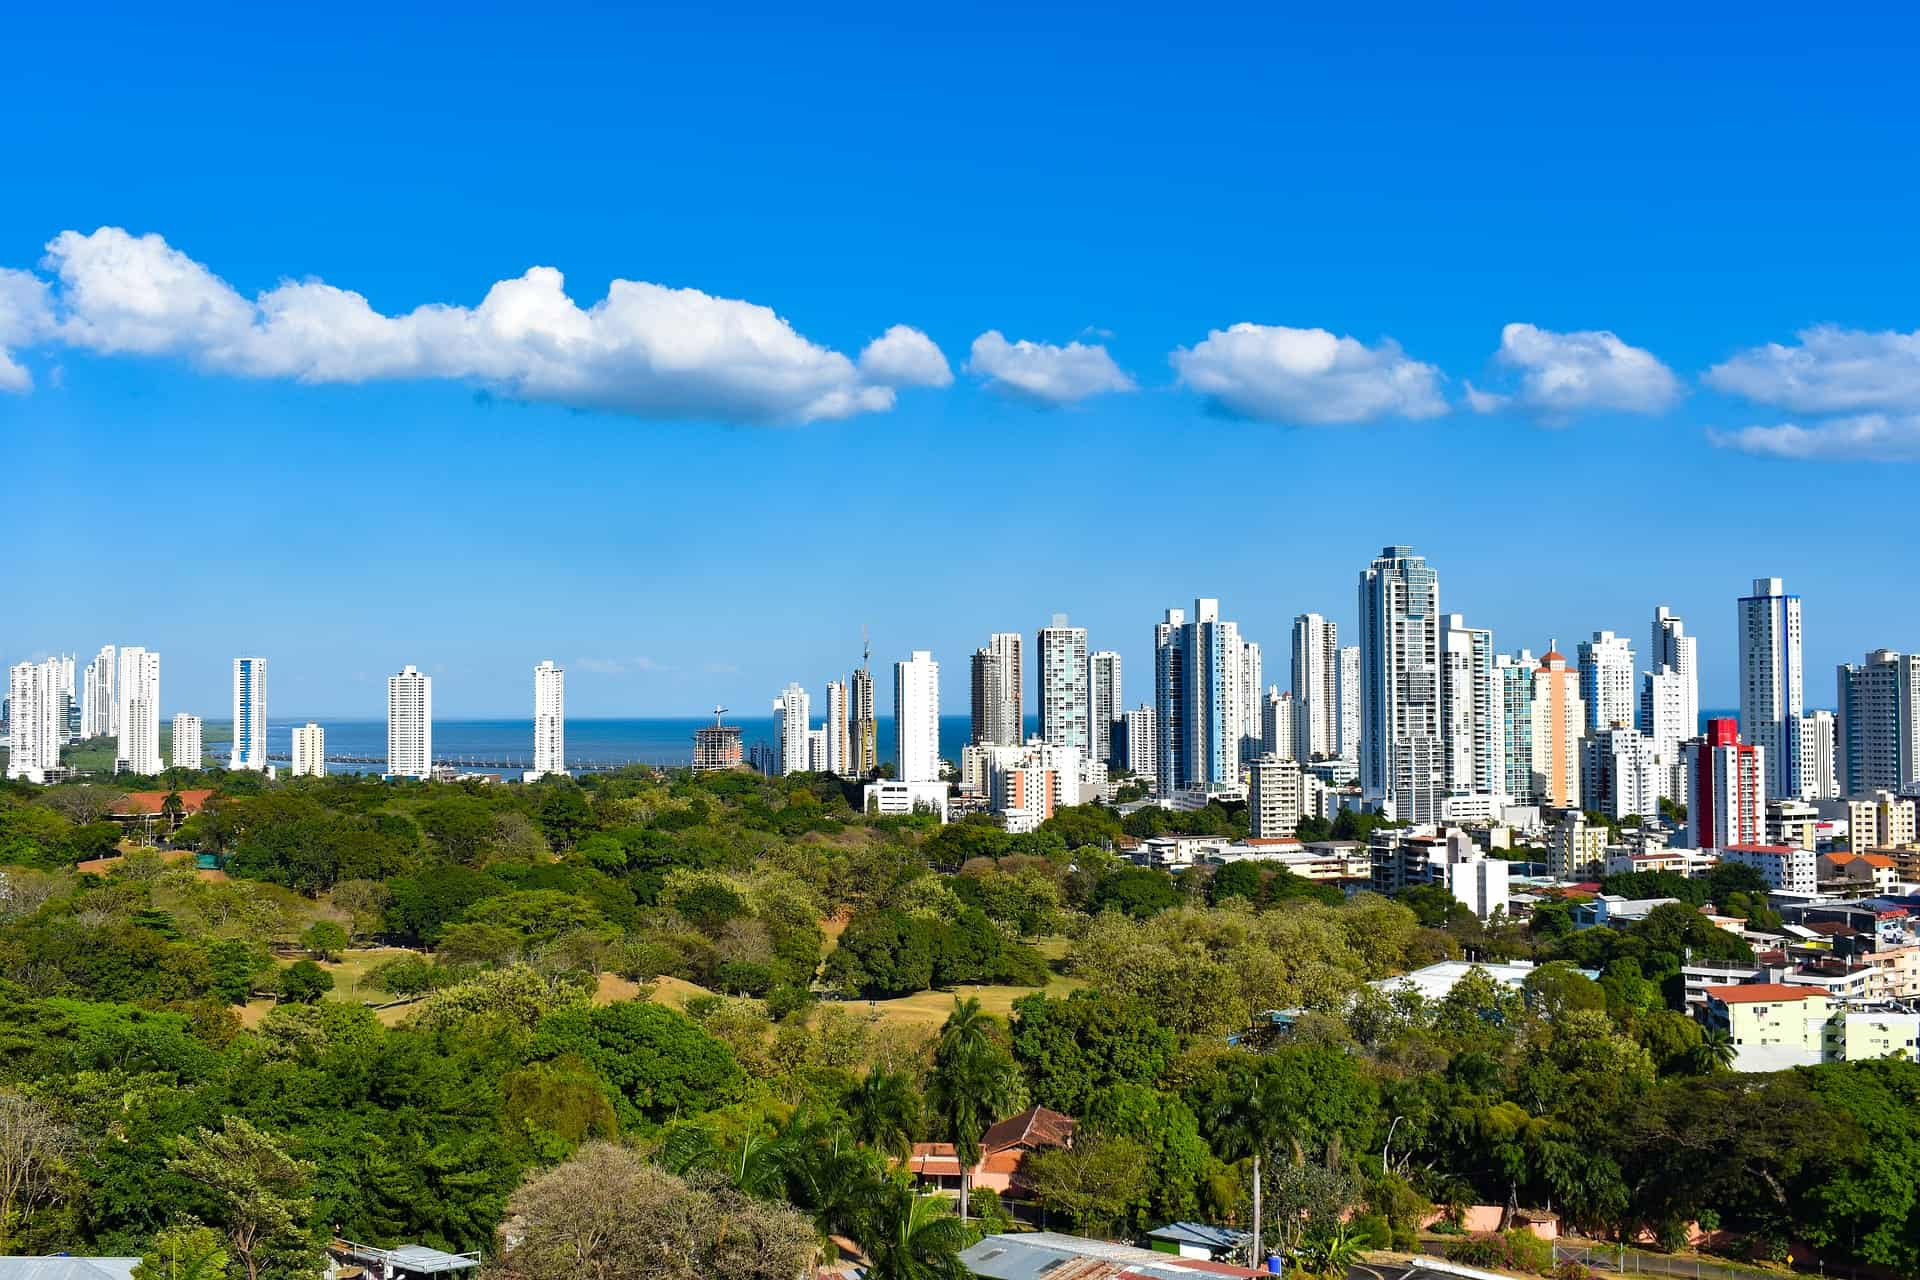 Panama City die schönste Metropole in gesamt Mittelamerika